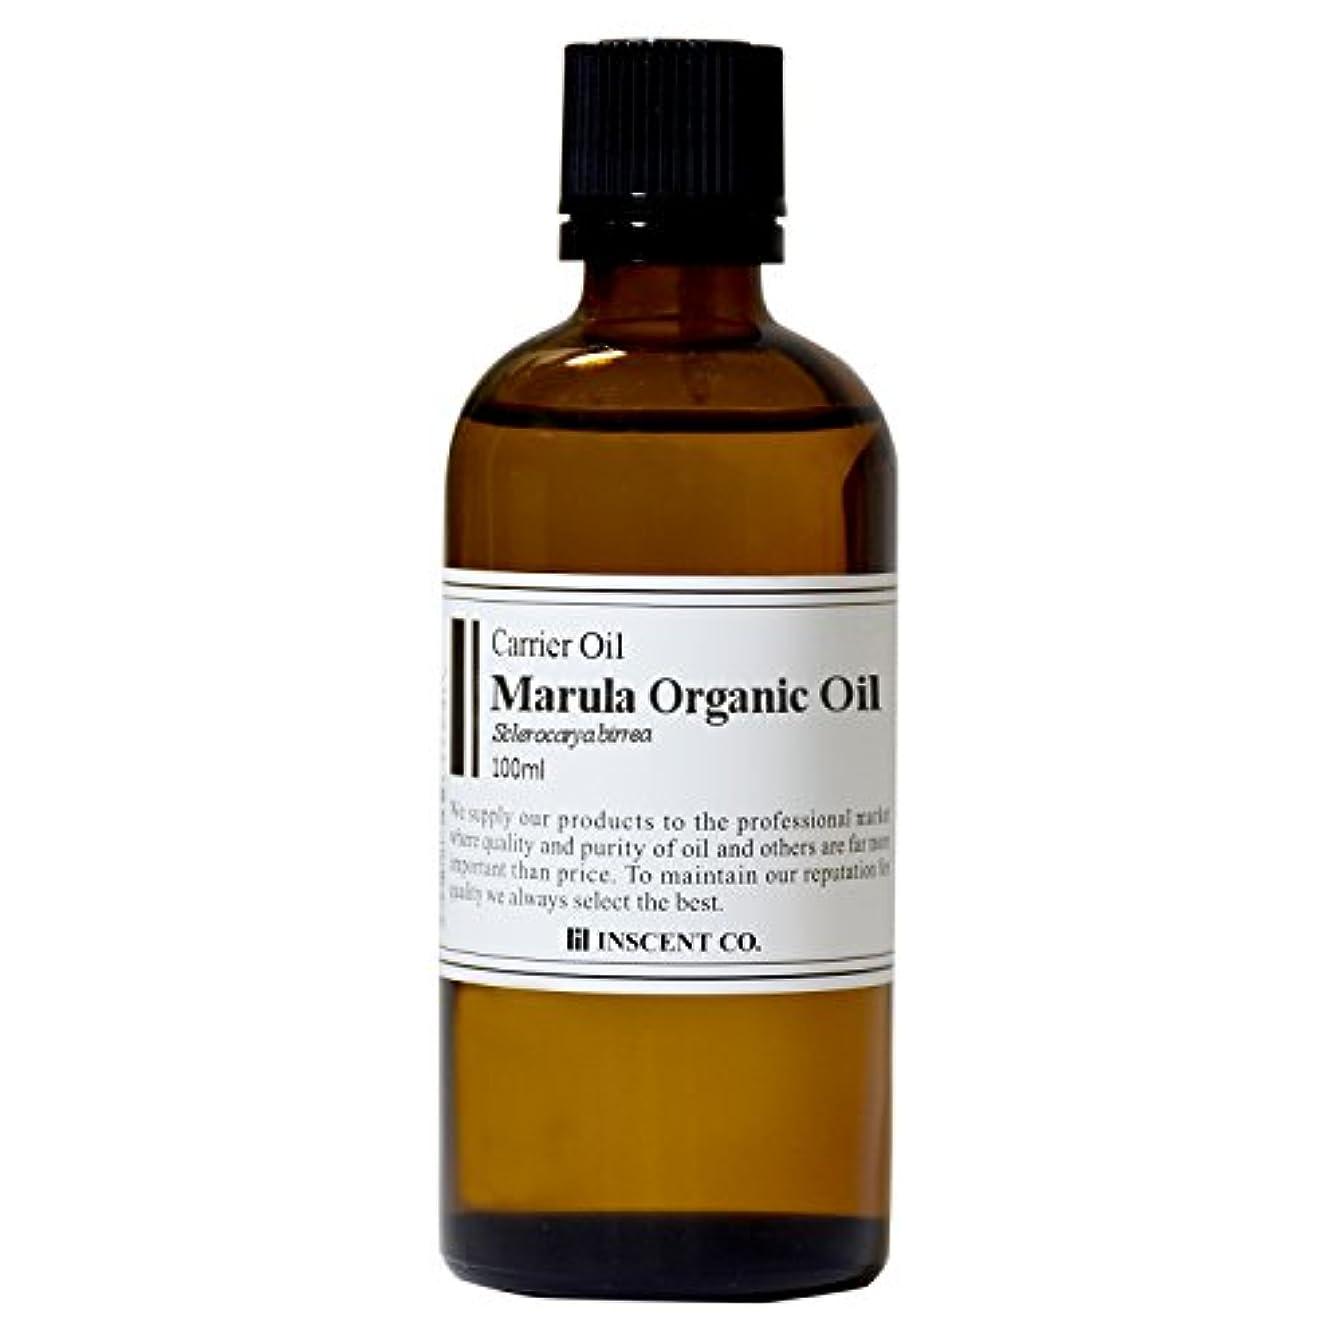 農夫繁栄する包囲マルラオイル (オーガニック) (未精製) 100ml Marula Organic Oil キャリアオイル (植物油/ベースオイル)